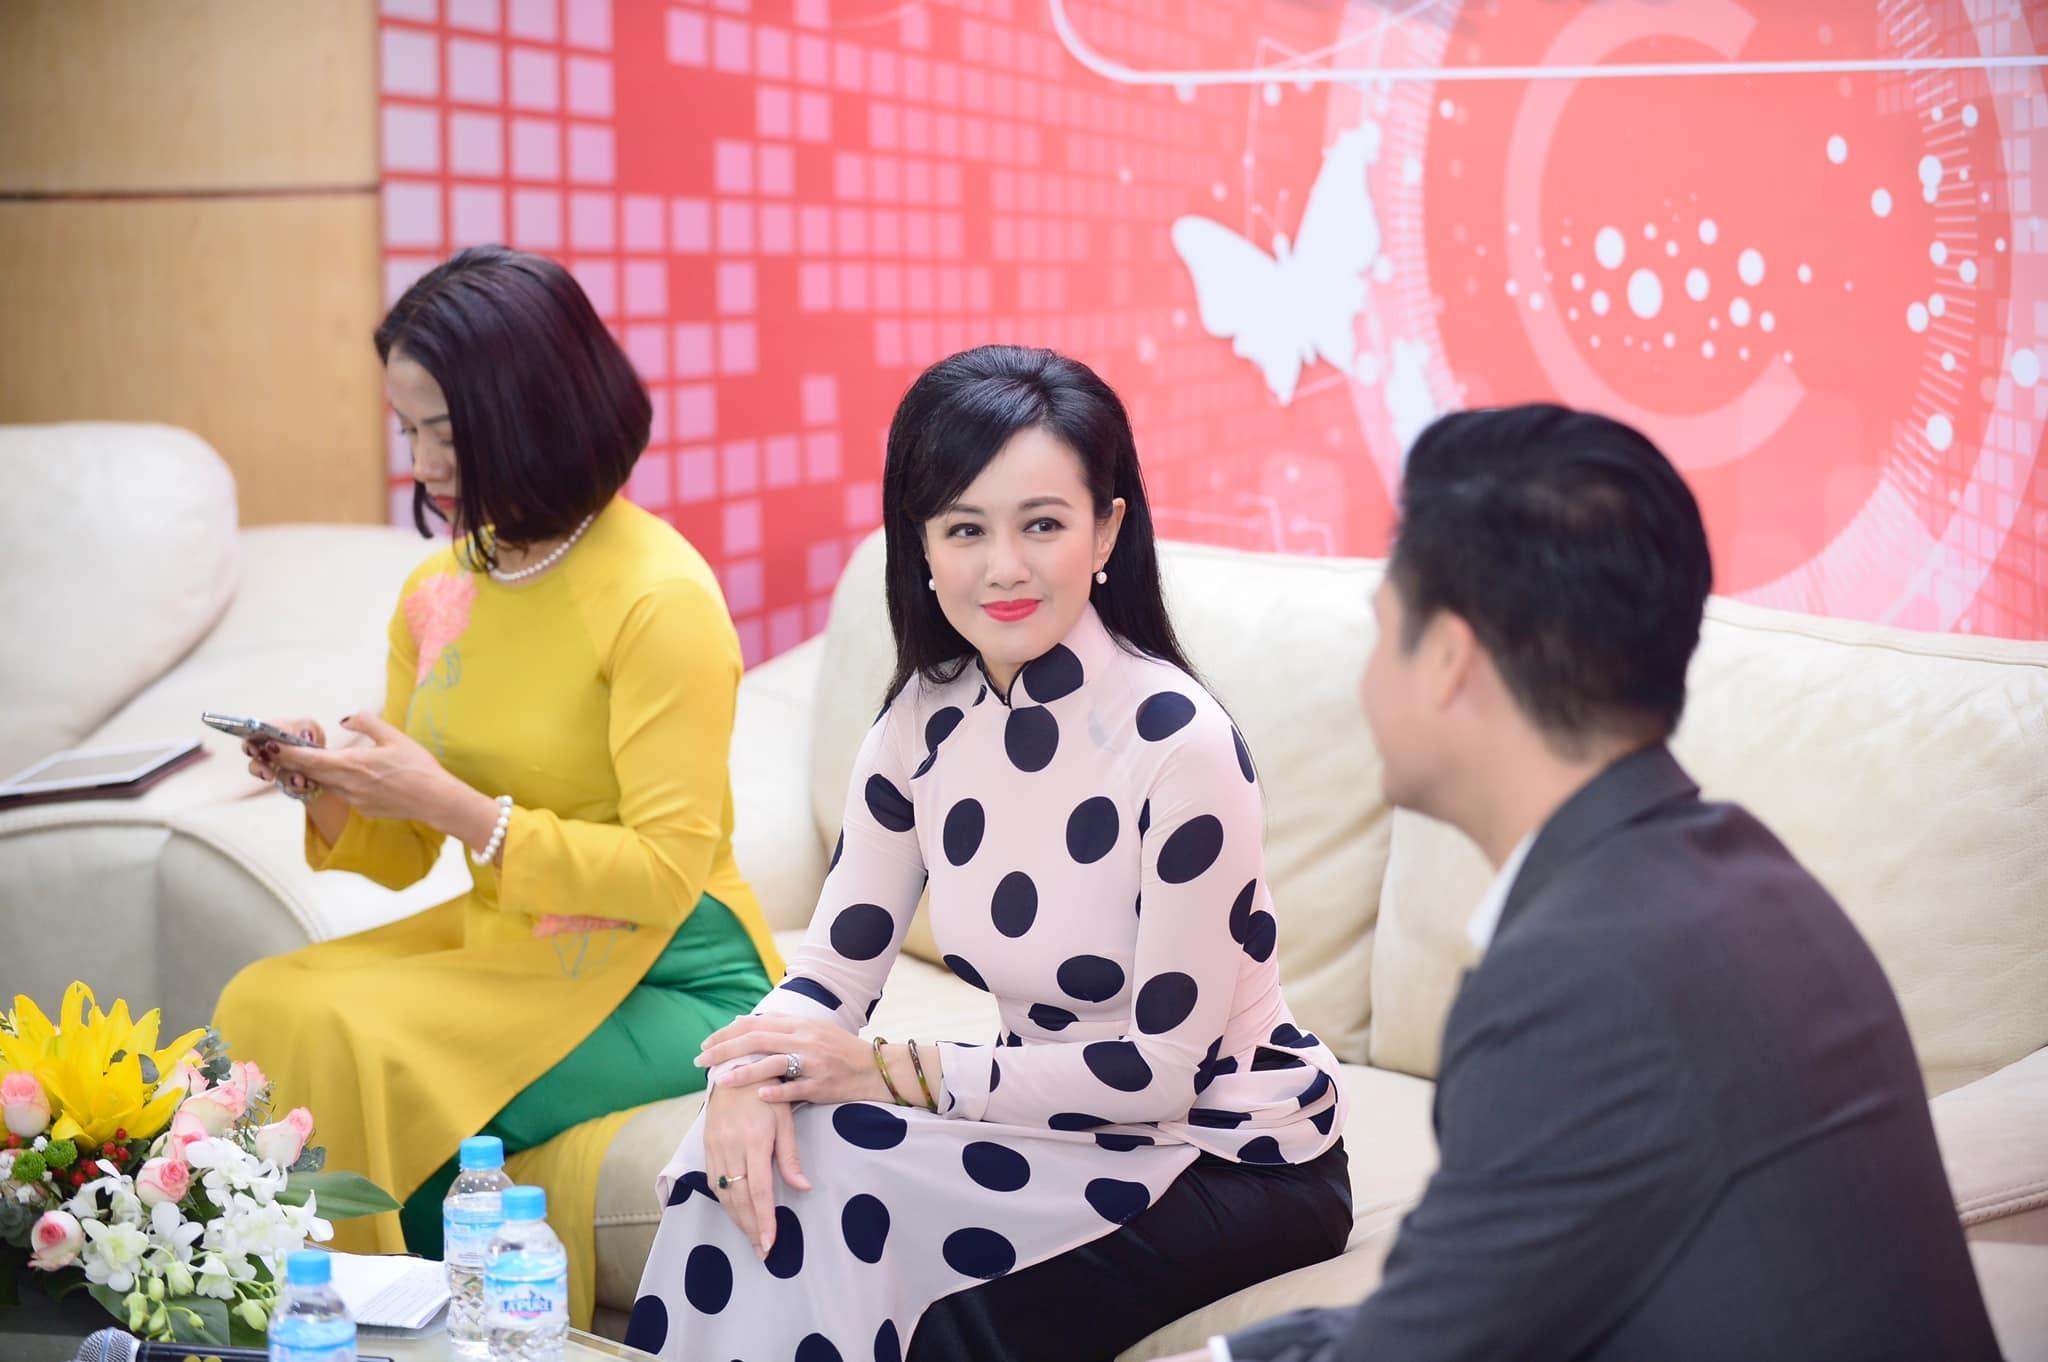 BTV Thời sự 19h Hoài Anh khen Quang Dũng dễ thương